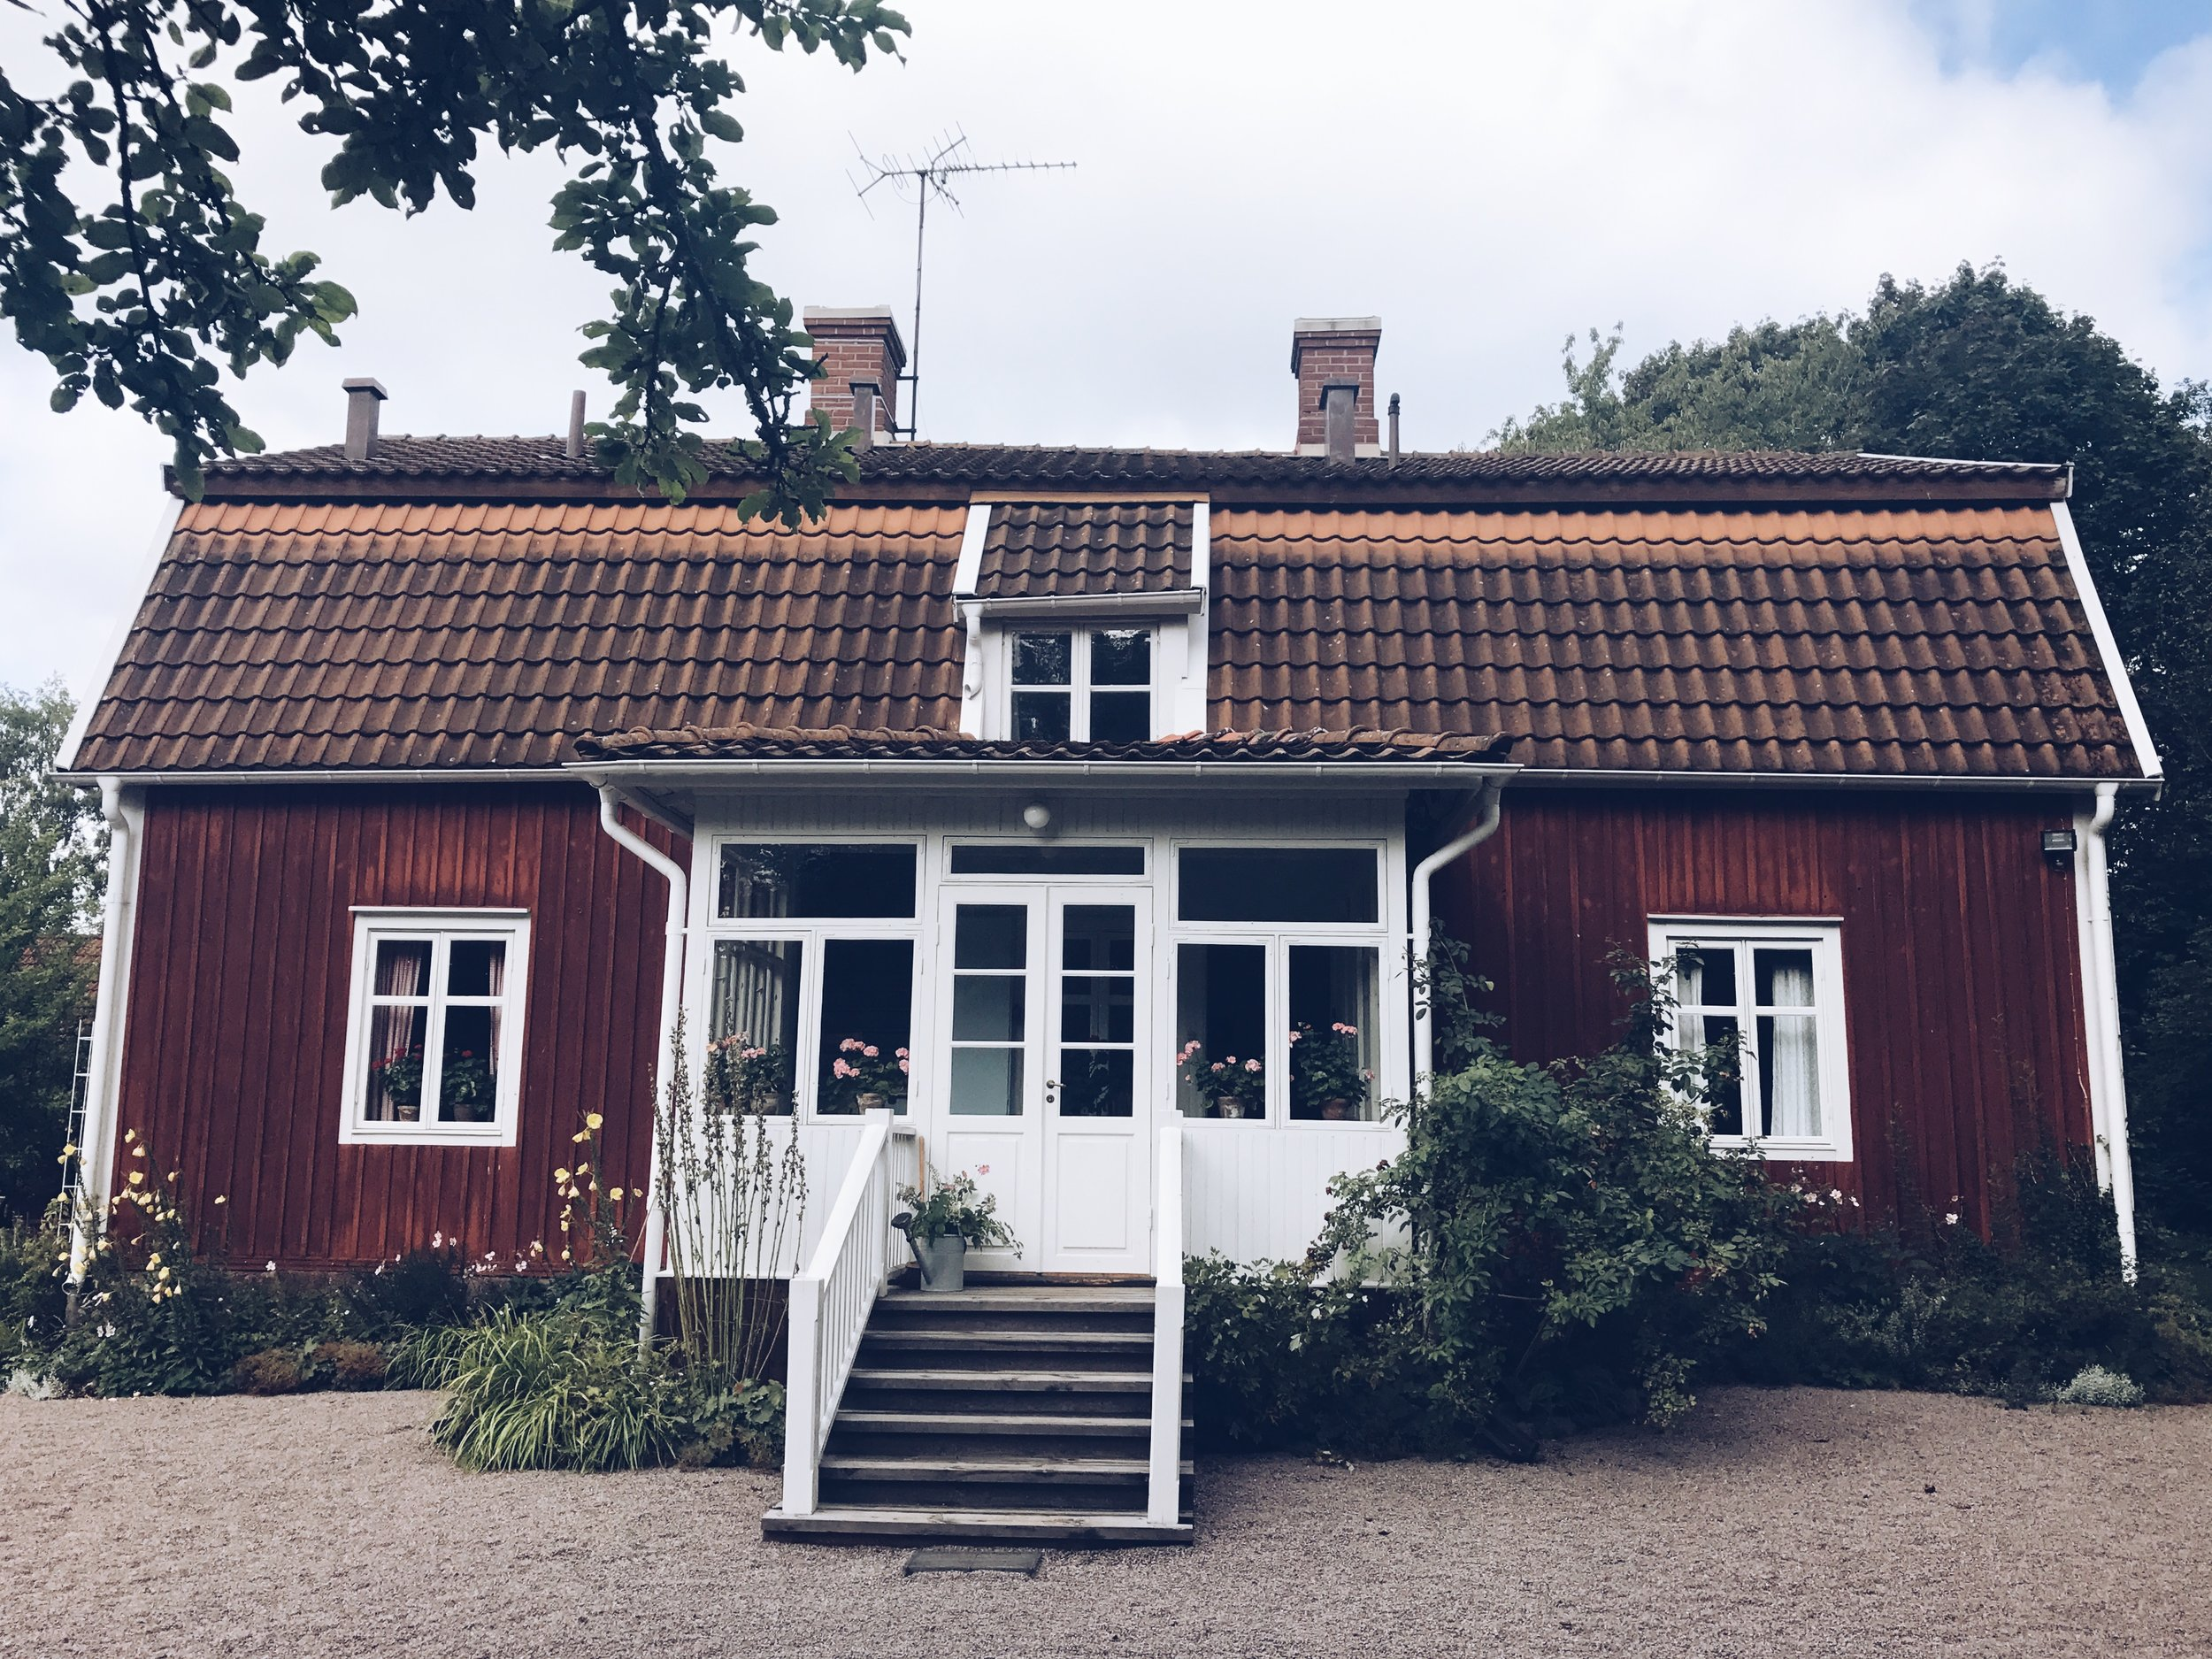 Elternhaus von Astrid Lindgren